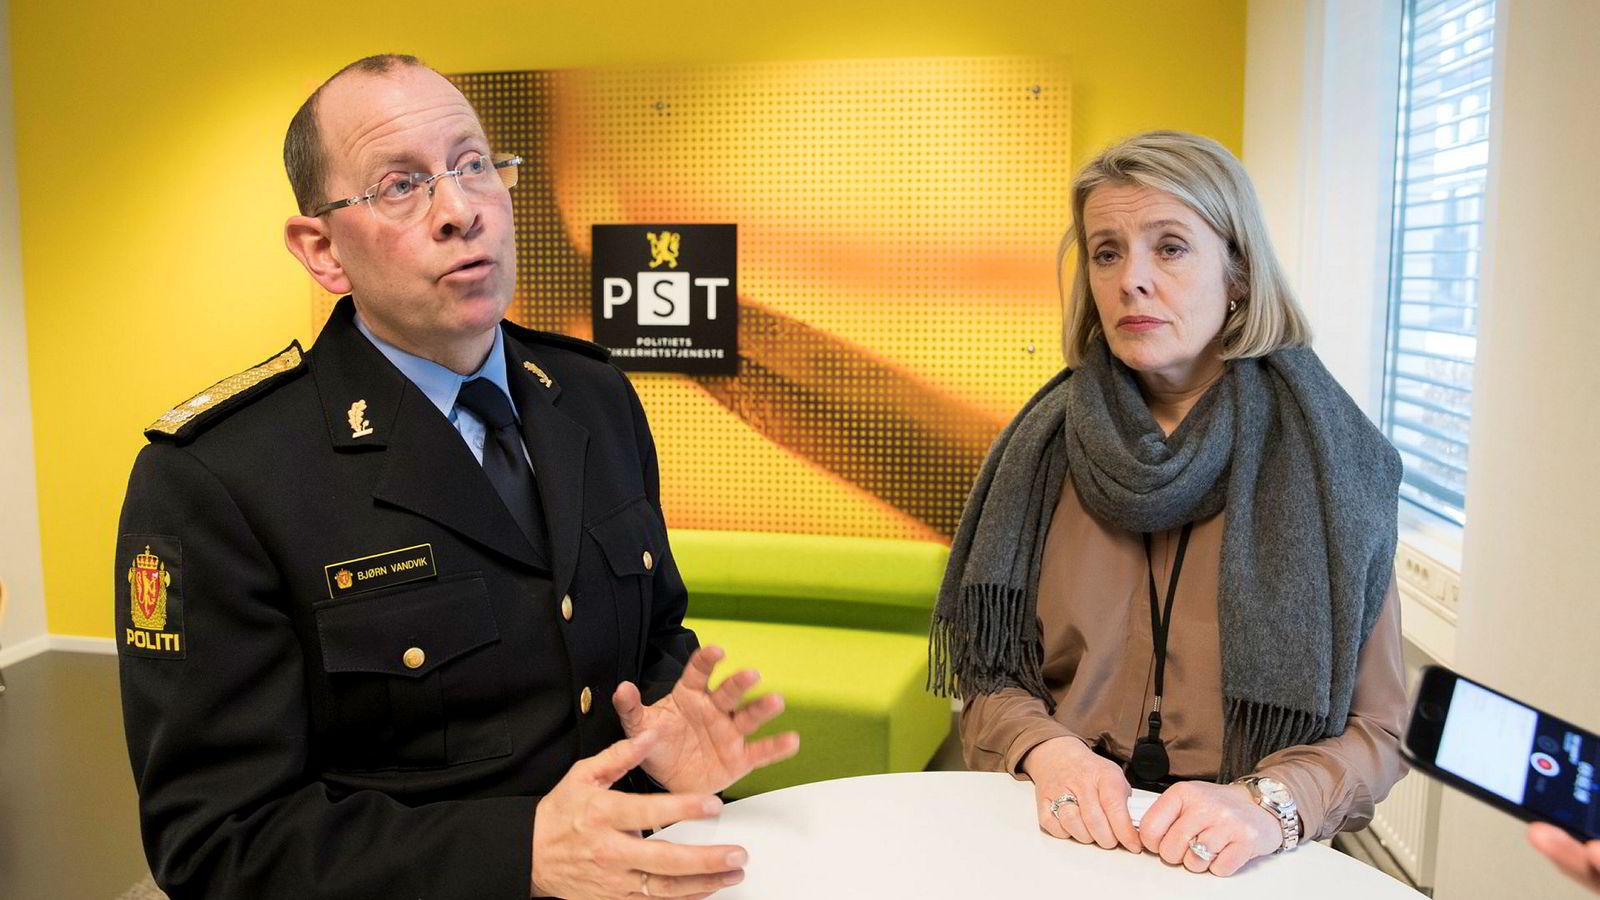 PST-sjef Benedicte Bjørnland og Oslo-politiets visepolitimester Bjørn Vandvik ser alvorlig på truslene mot Tor Mikkel Wara og hans familie.